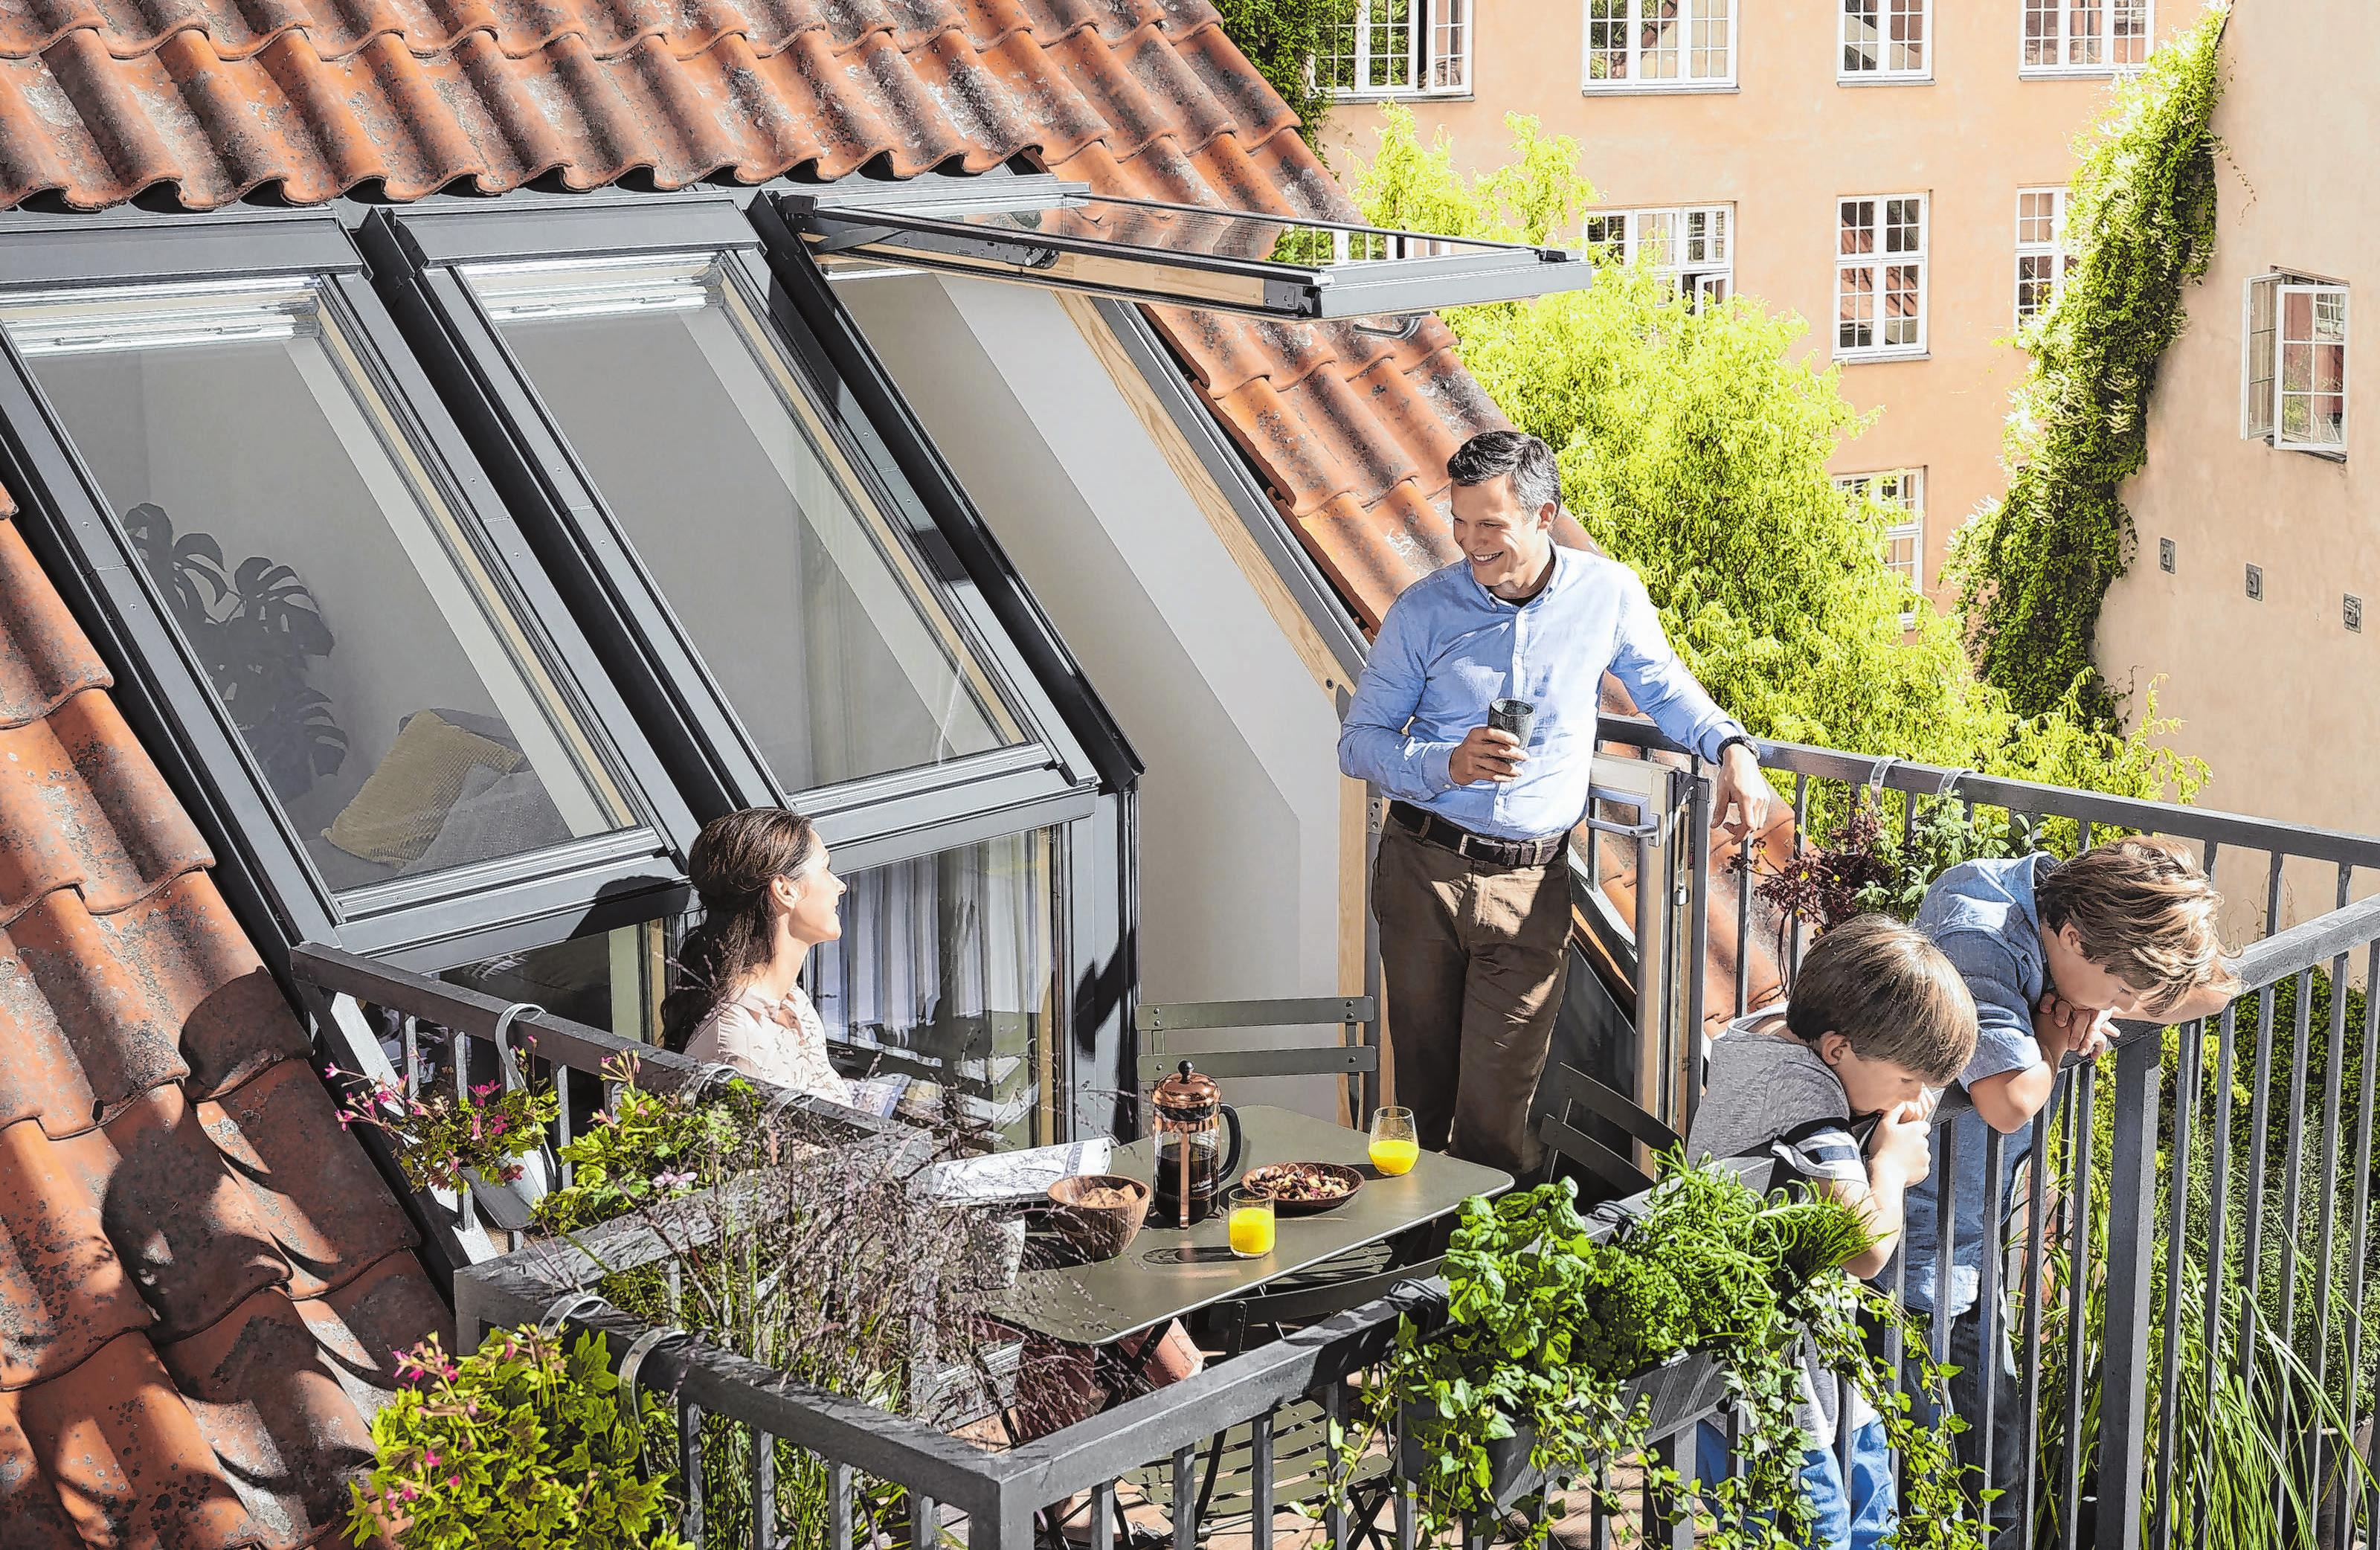 Dachgeschoss mit Austritt: Einfach nachrüstbare Balkonlösungen erhöhen den Wohnkomfort erheblich. Fotos: djd/Velux